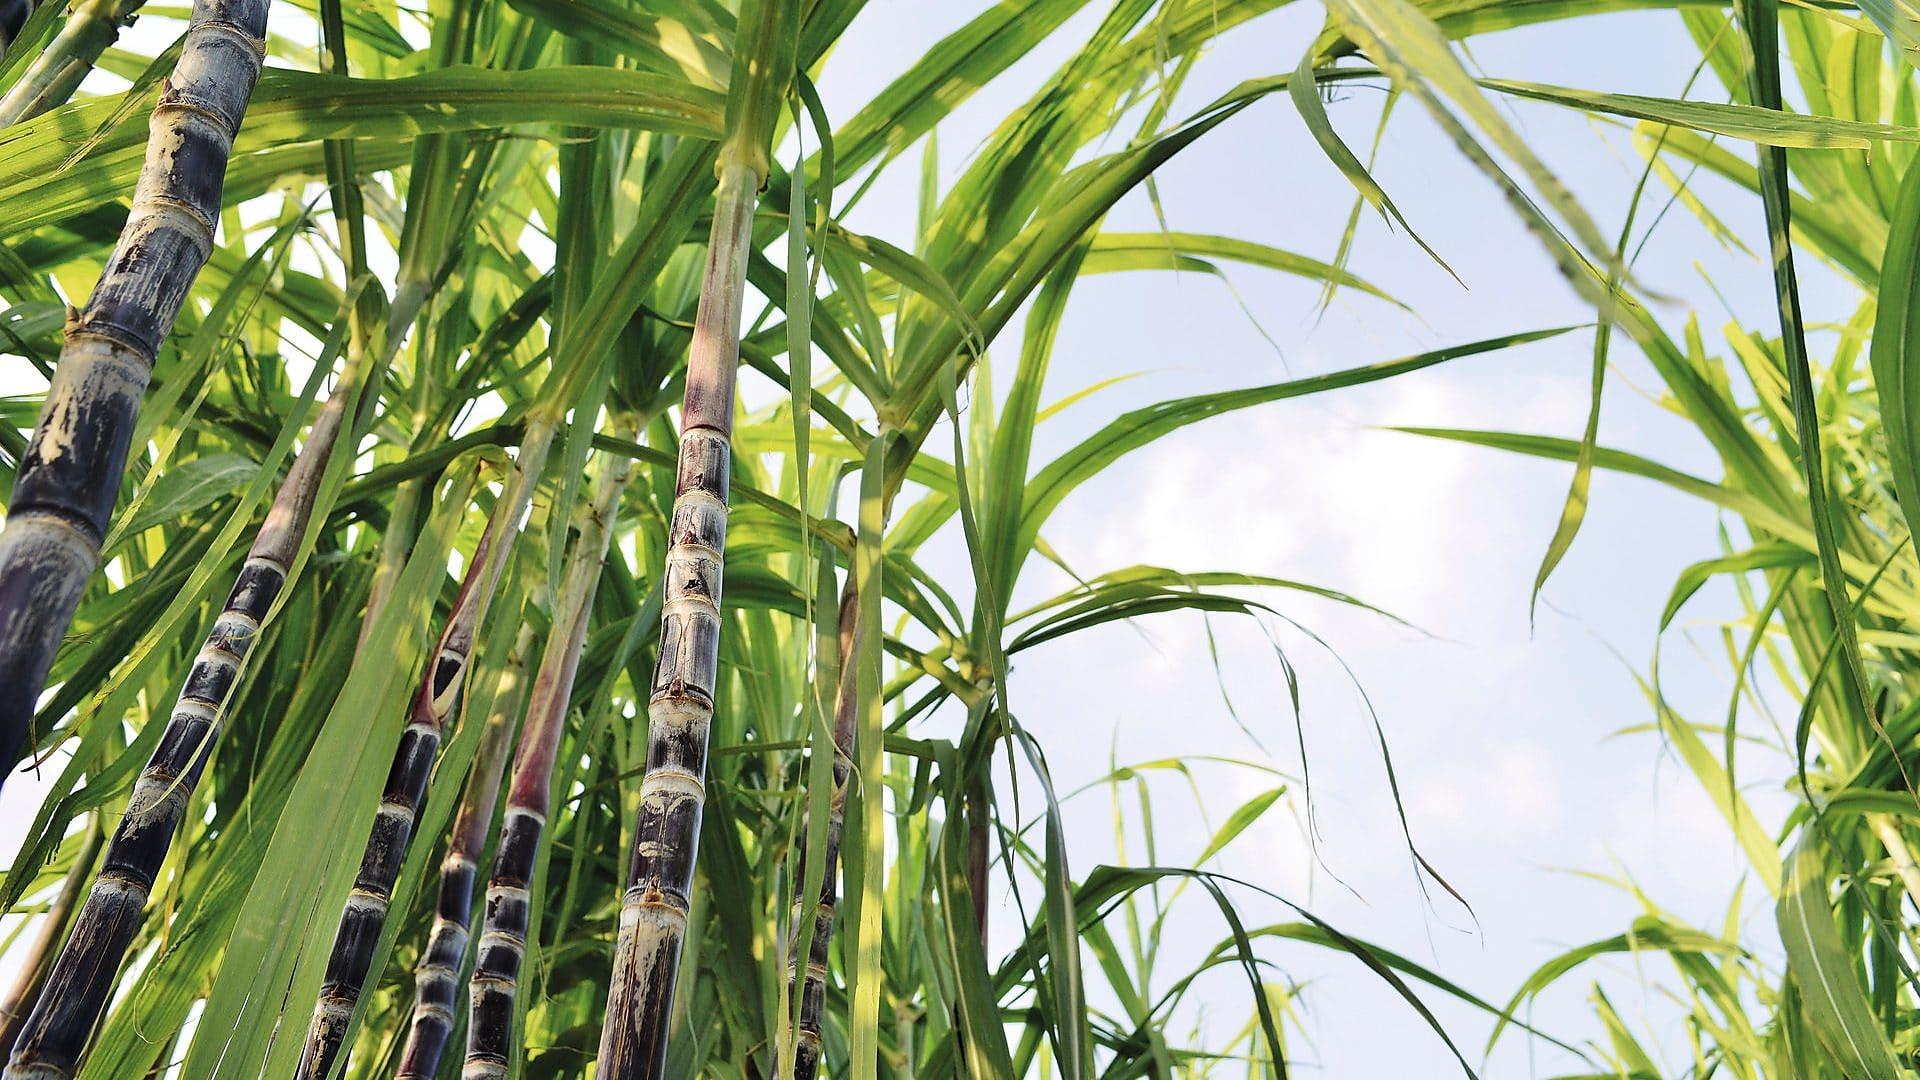 Sugarcane Farming, Sugarcane Refining